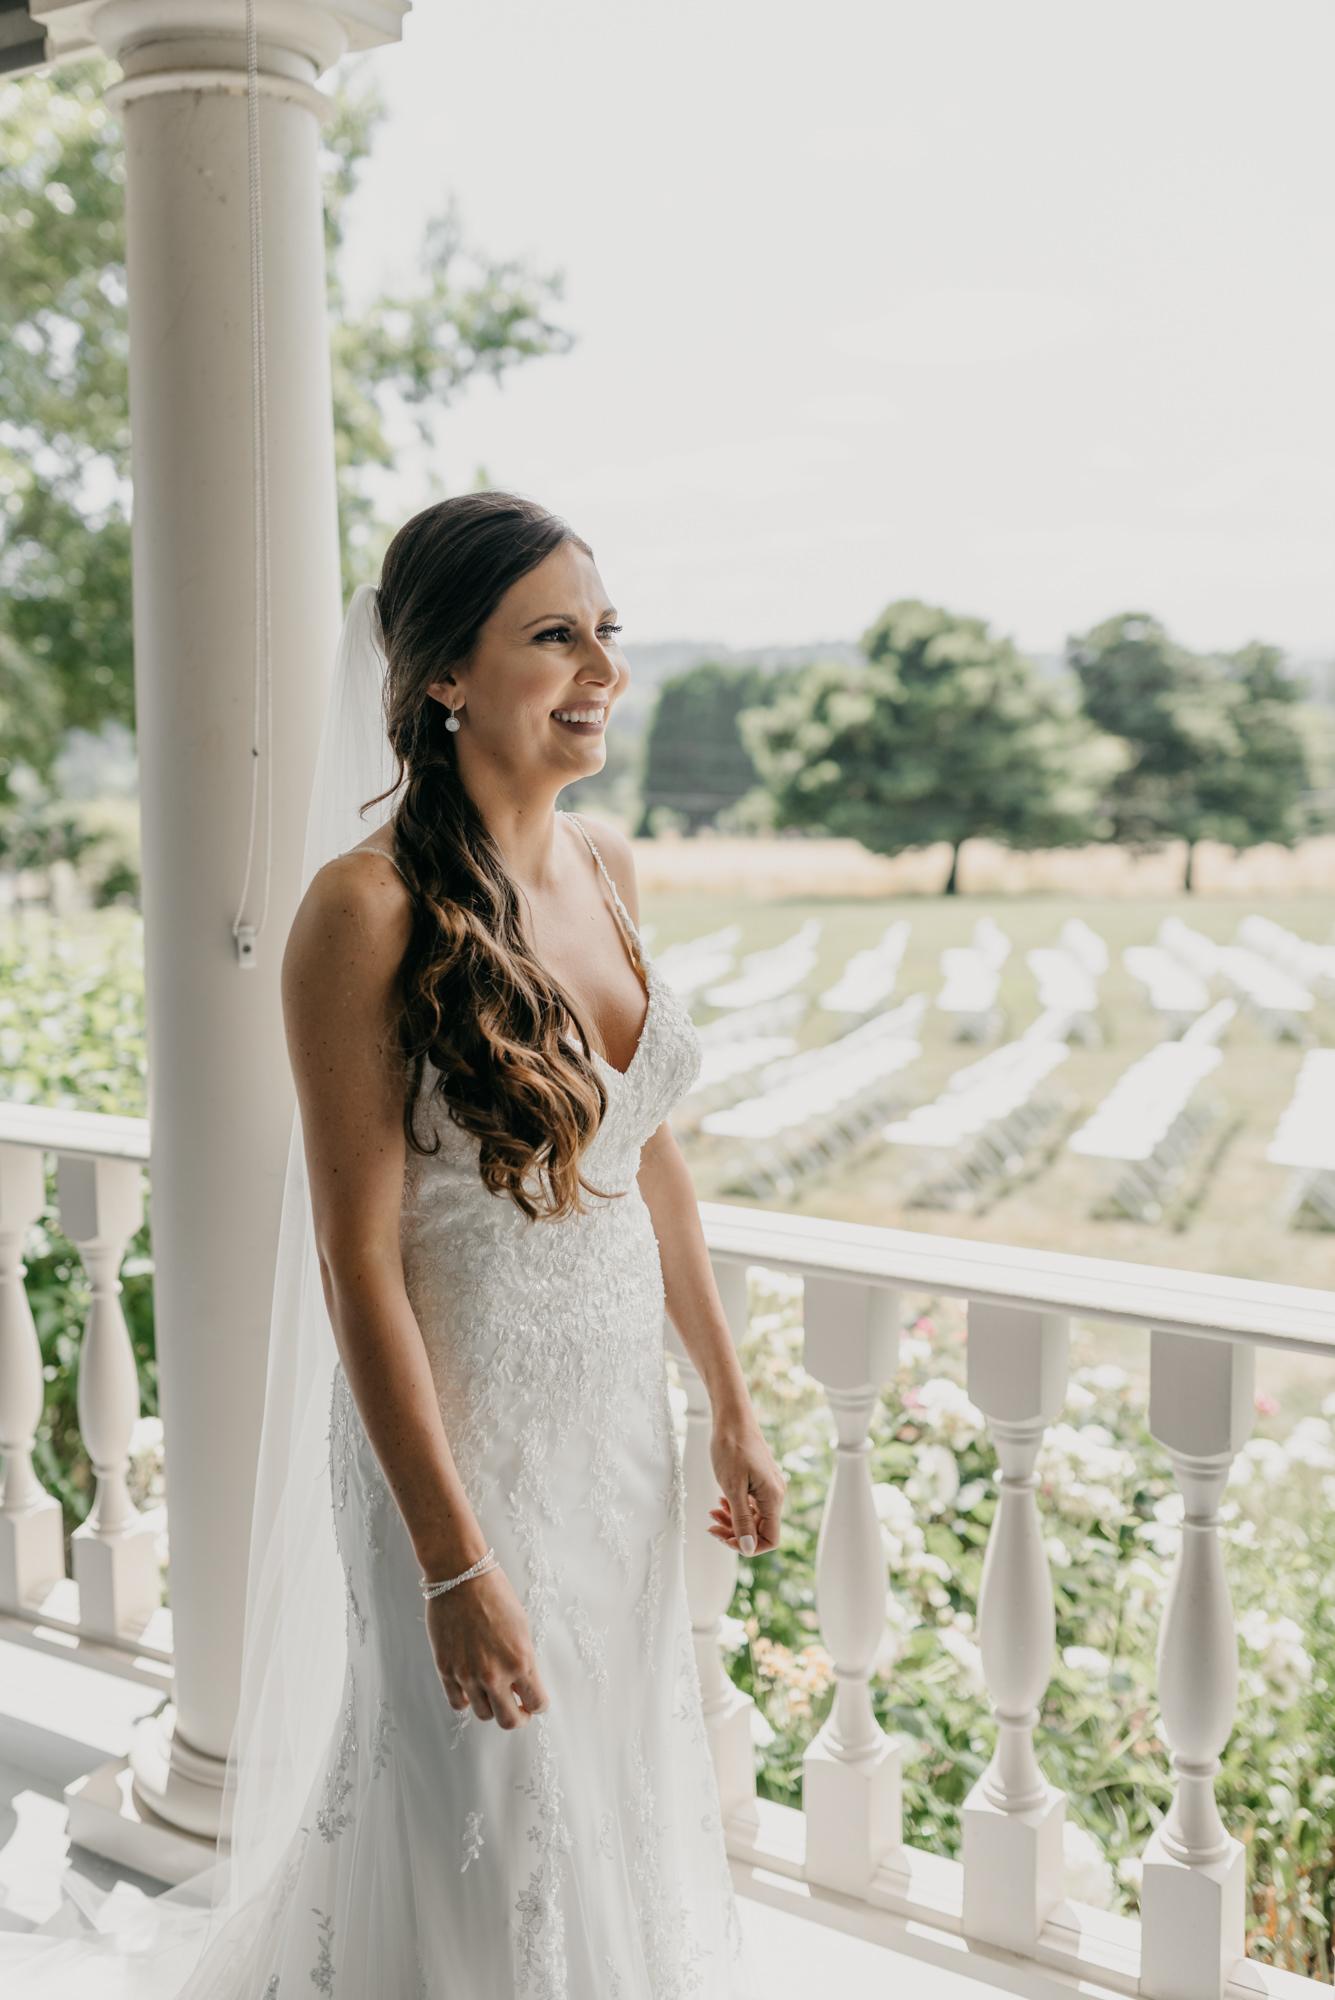 45-first-look-barn-kestrel-wedding-lake-oswego-wedding.jpg